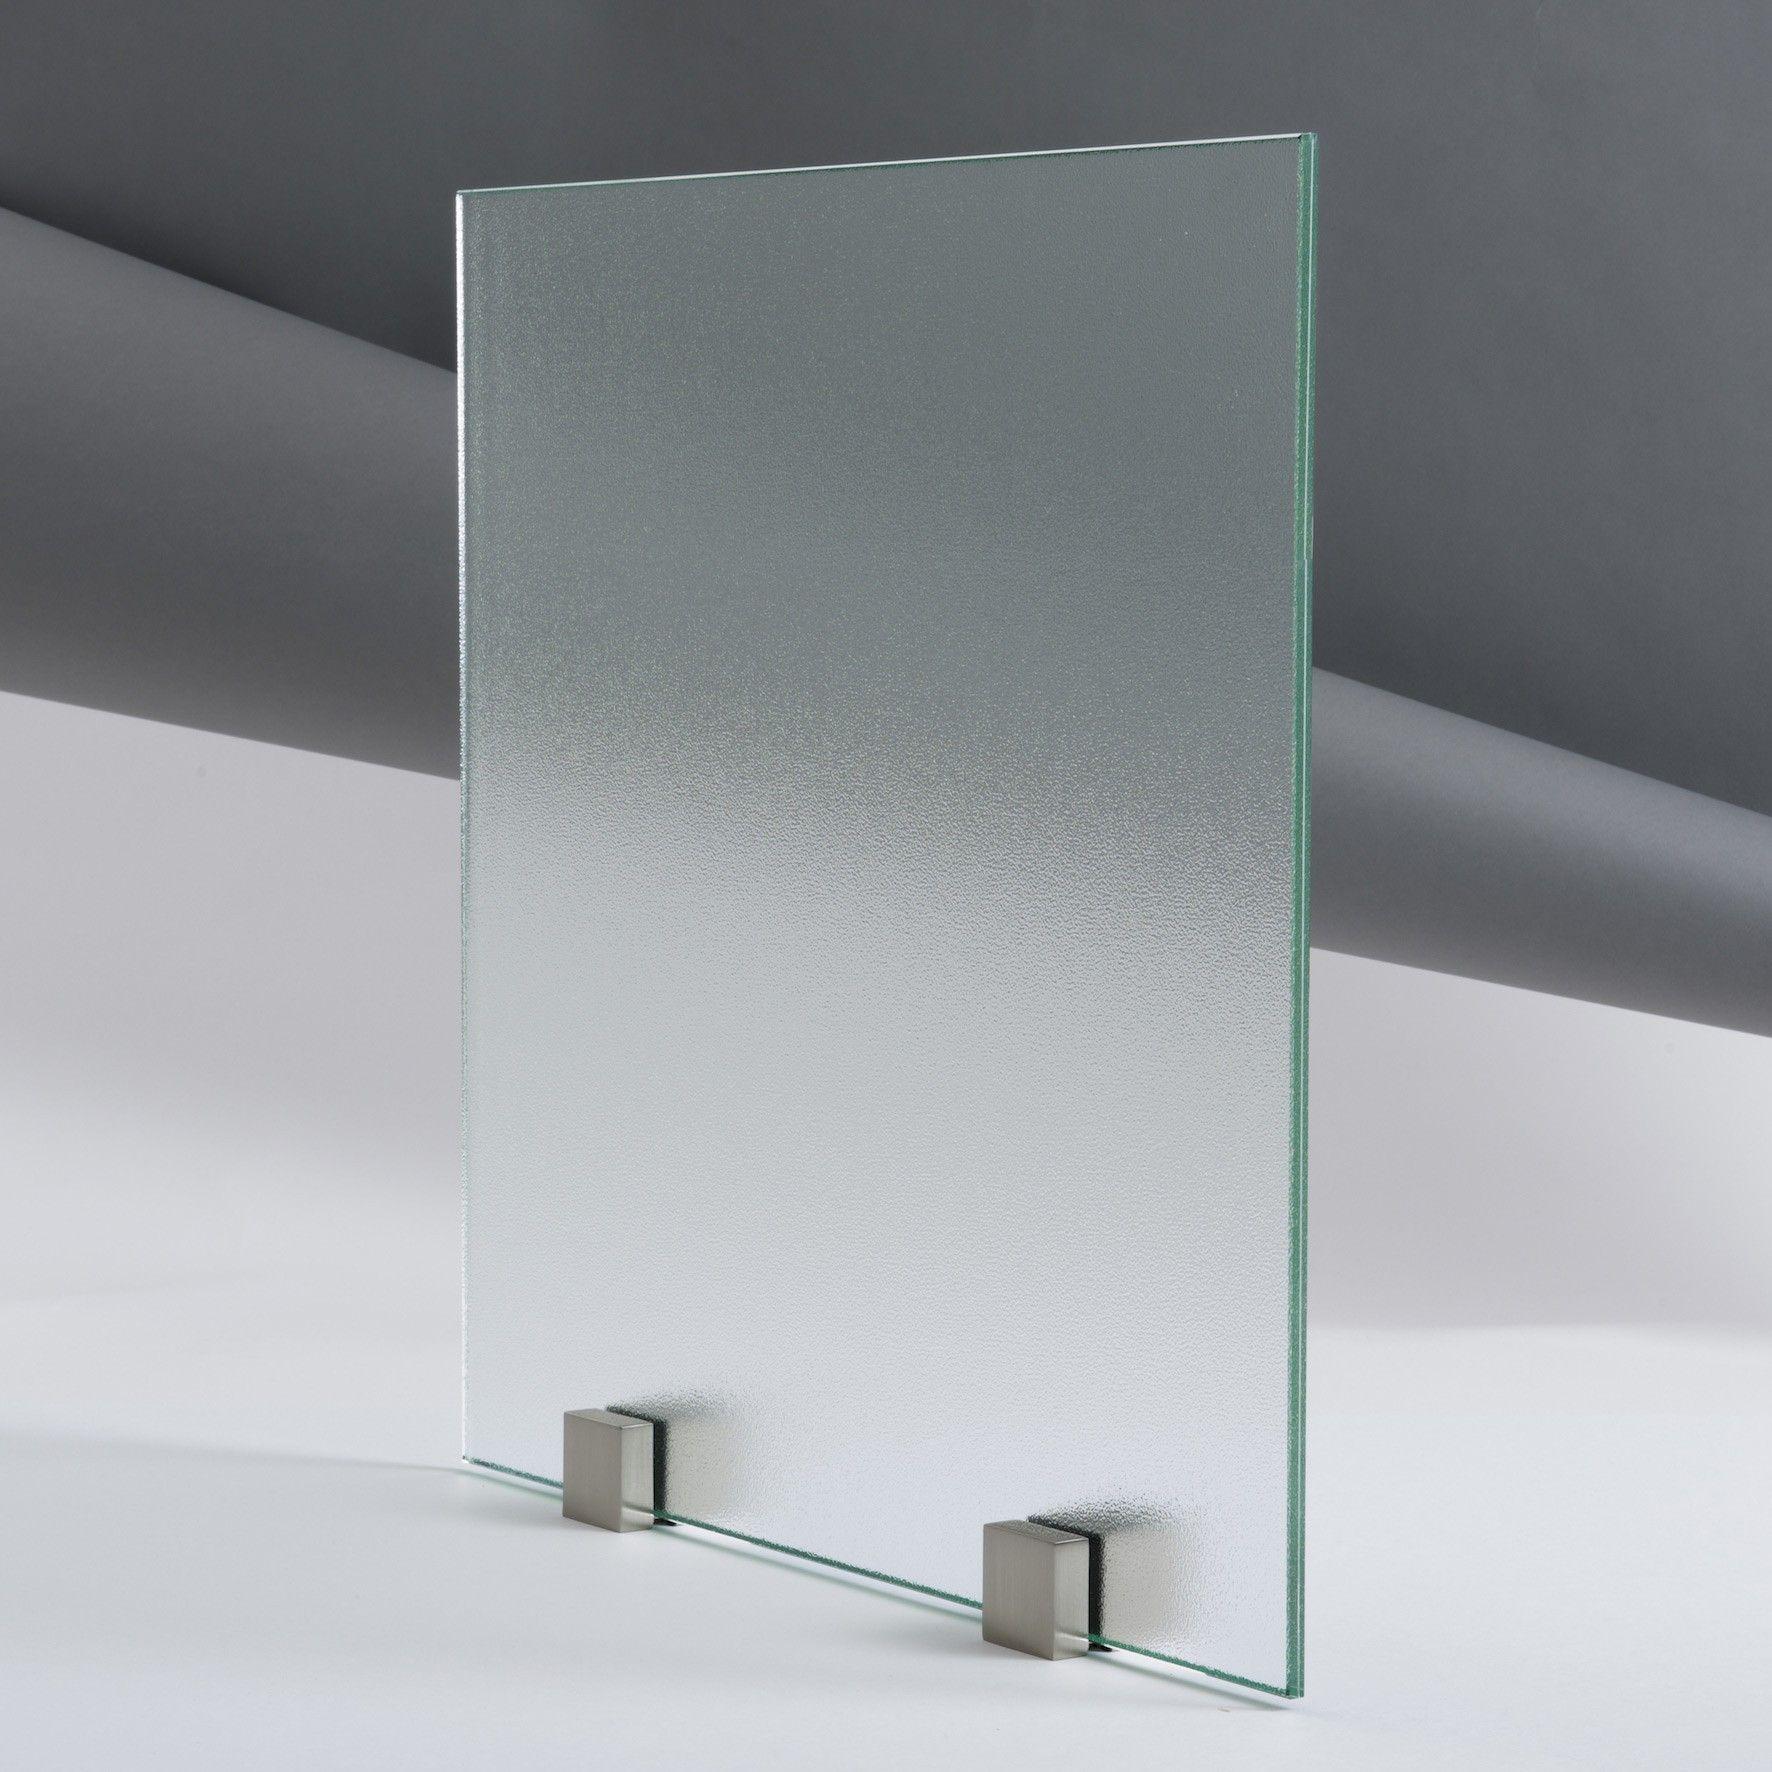 pince pour garde corps paisseur de verre max 12 mm. Black Bedroom Furniture Sets. Home Design Ideas